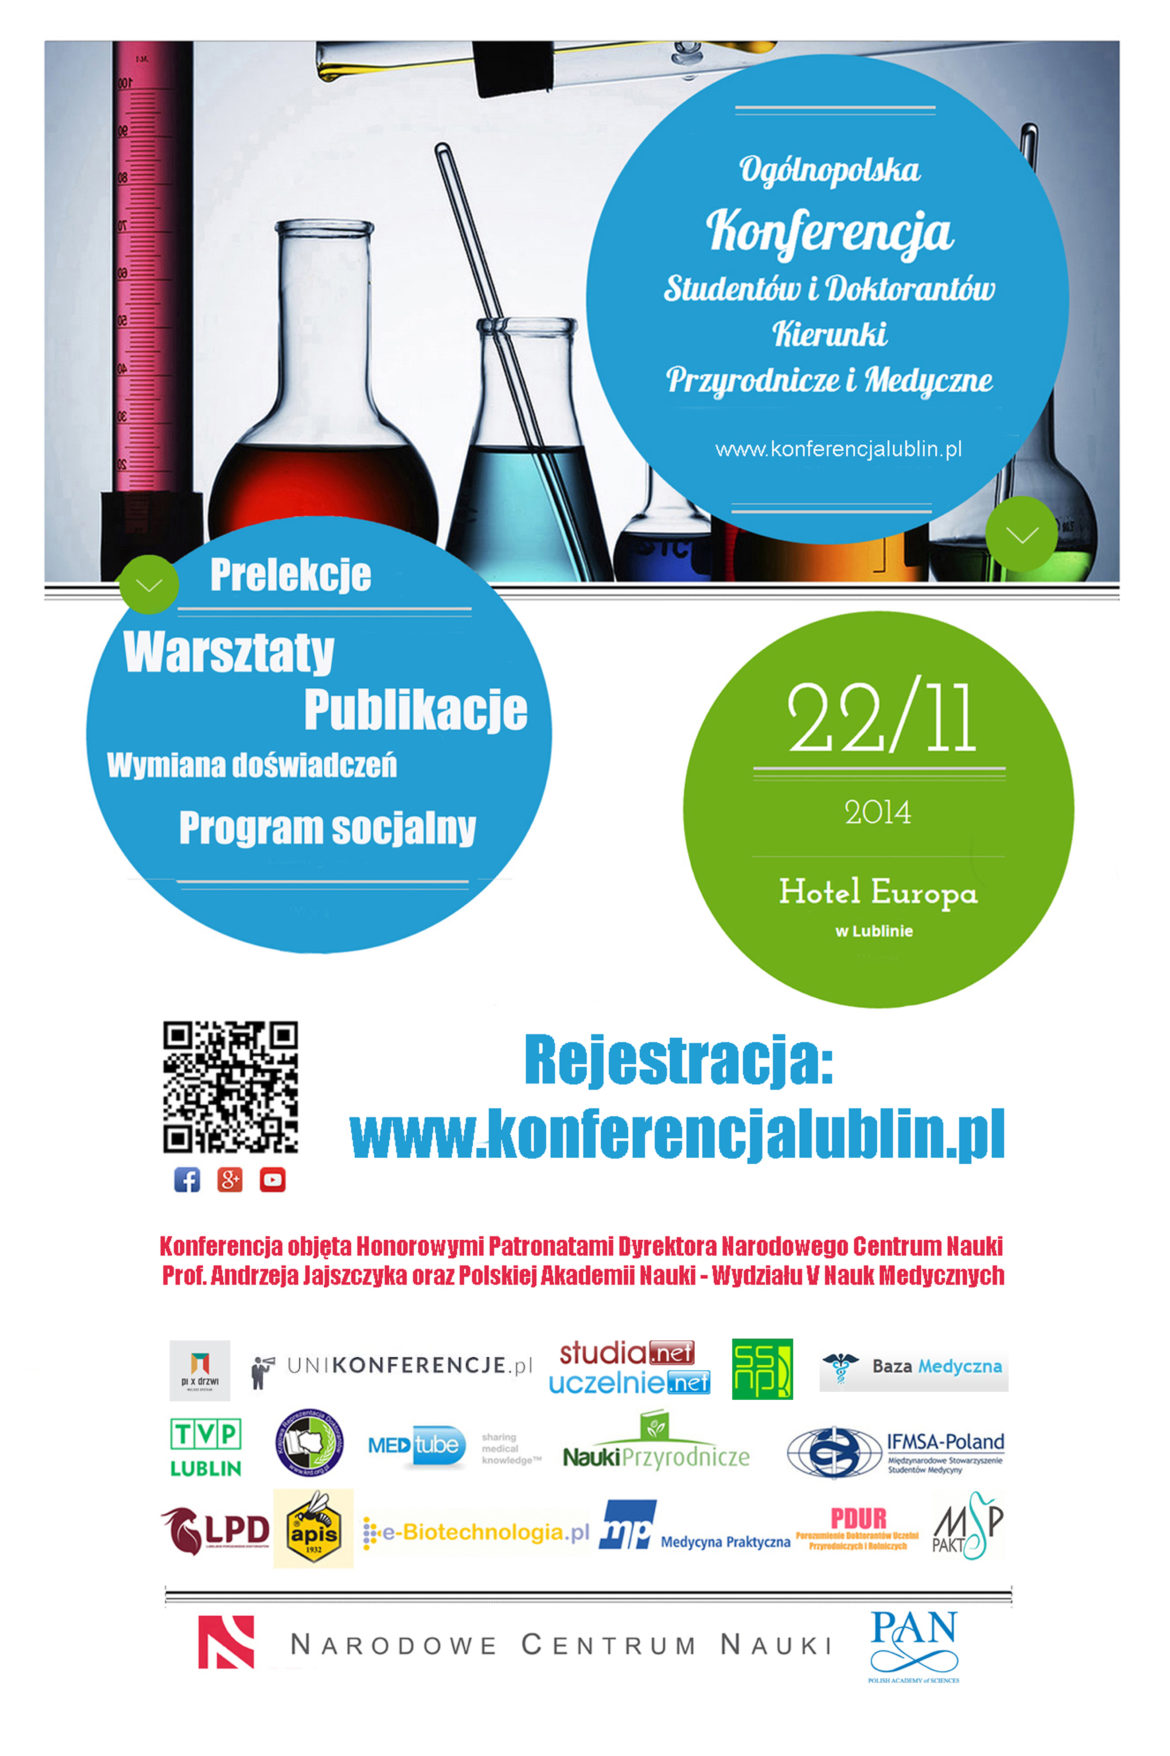 Ogólnopolska Konferencja Studentów i Doktorantów: Kierunki Przyrodnicze i Medyczne